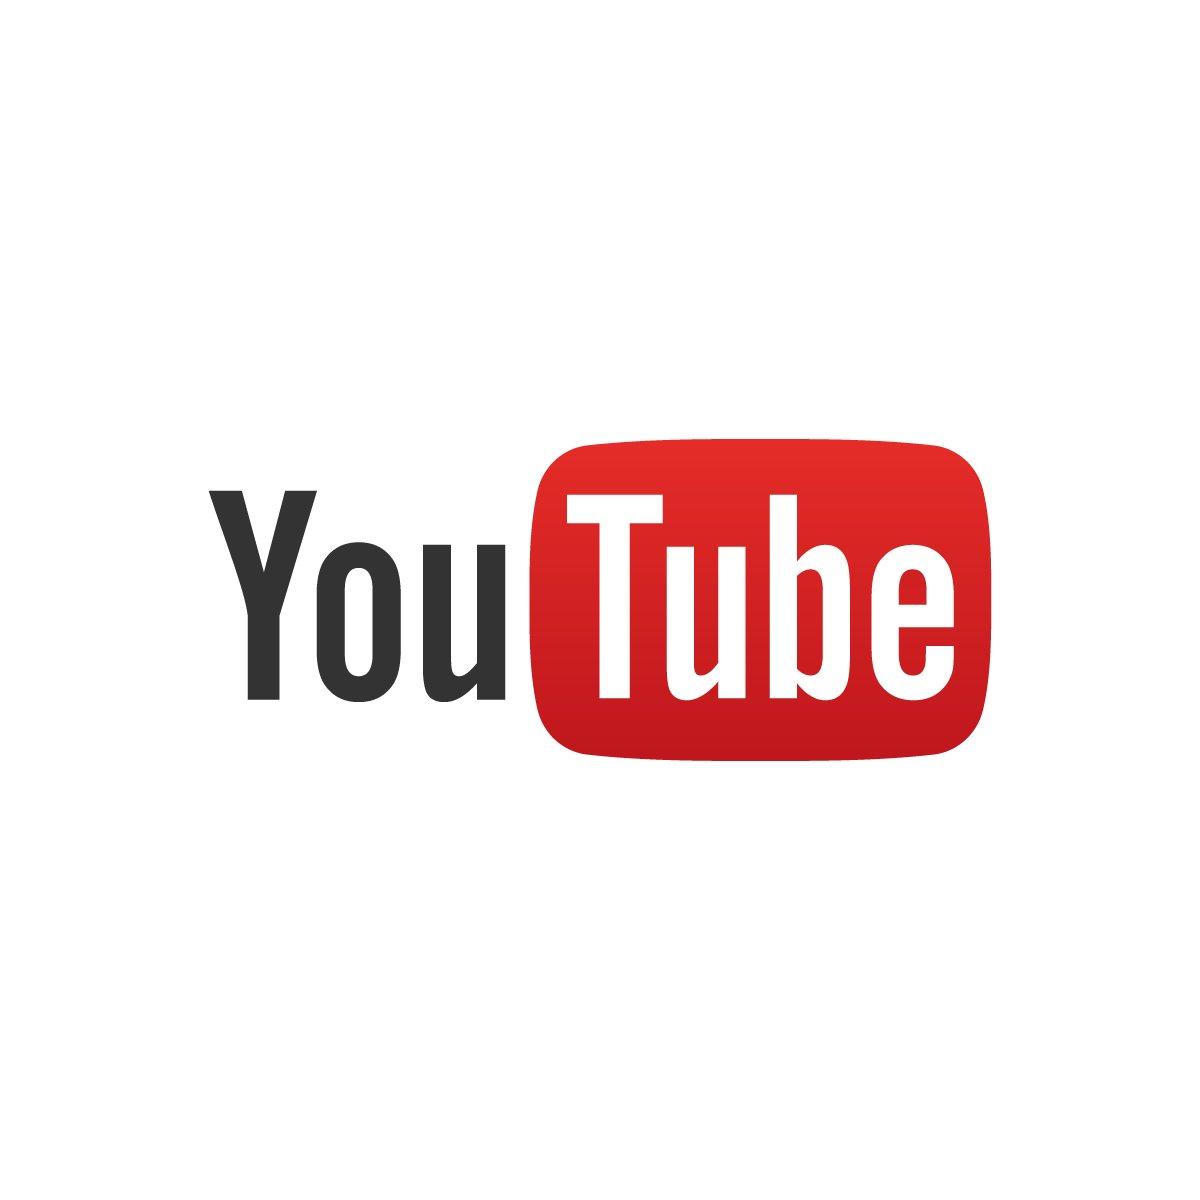 ✊ Pour calmer la colère qui monte chez les YouTubeurs, la CEO de la plate-forme leur a adressé un message   Voici les 4 informations principales qu'il fallait retenir de cette intervention 📜  👉 https://t.co/rCB3lKmXoV